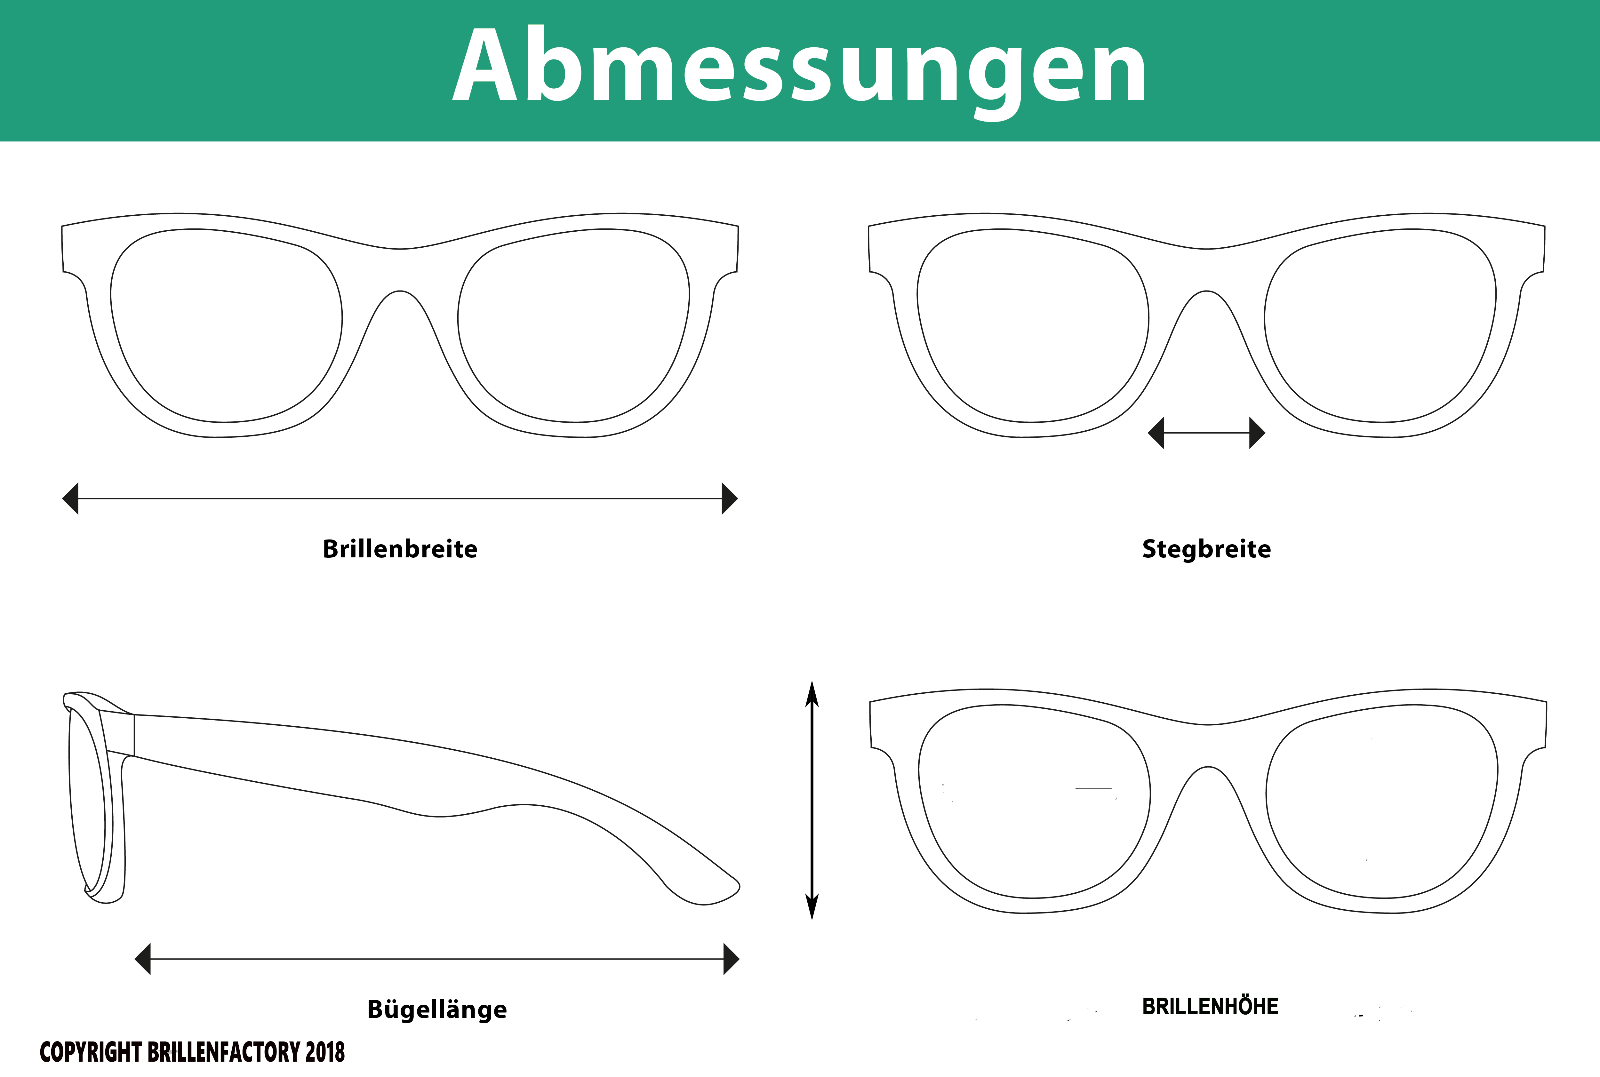 PRADA Sonnenbrillen Sonnenbrillen Sonnenbrillen Sunglasses SPR60S DHO-3D0 Gr 55 Nonvalenz BF 550 T73   | Moderner Modus  | Online  | Kostengünstiger  4f3b12